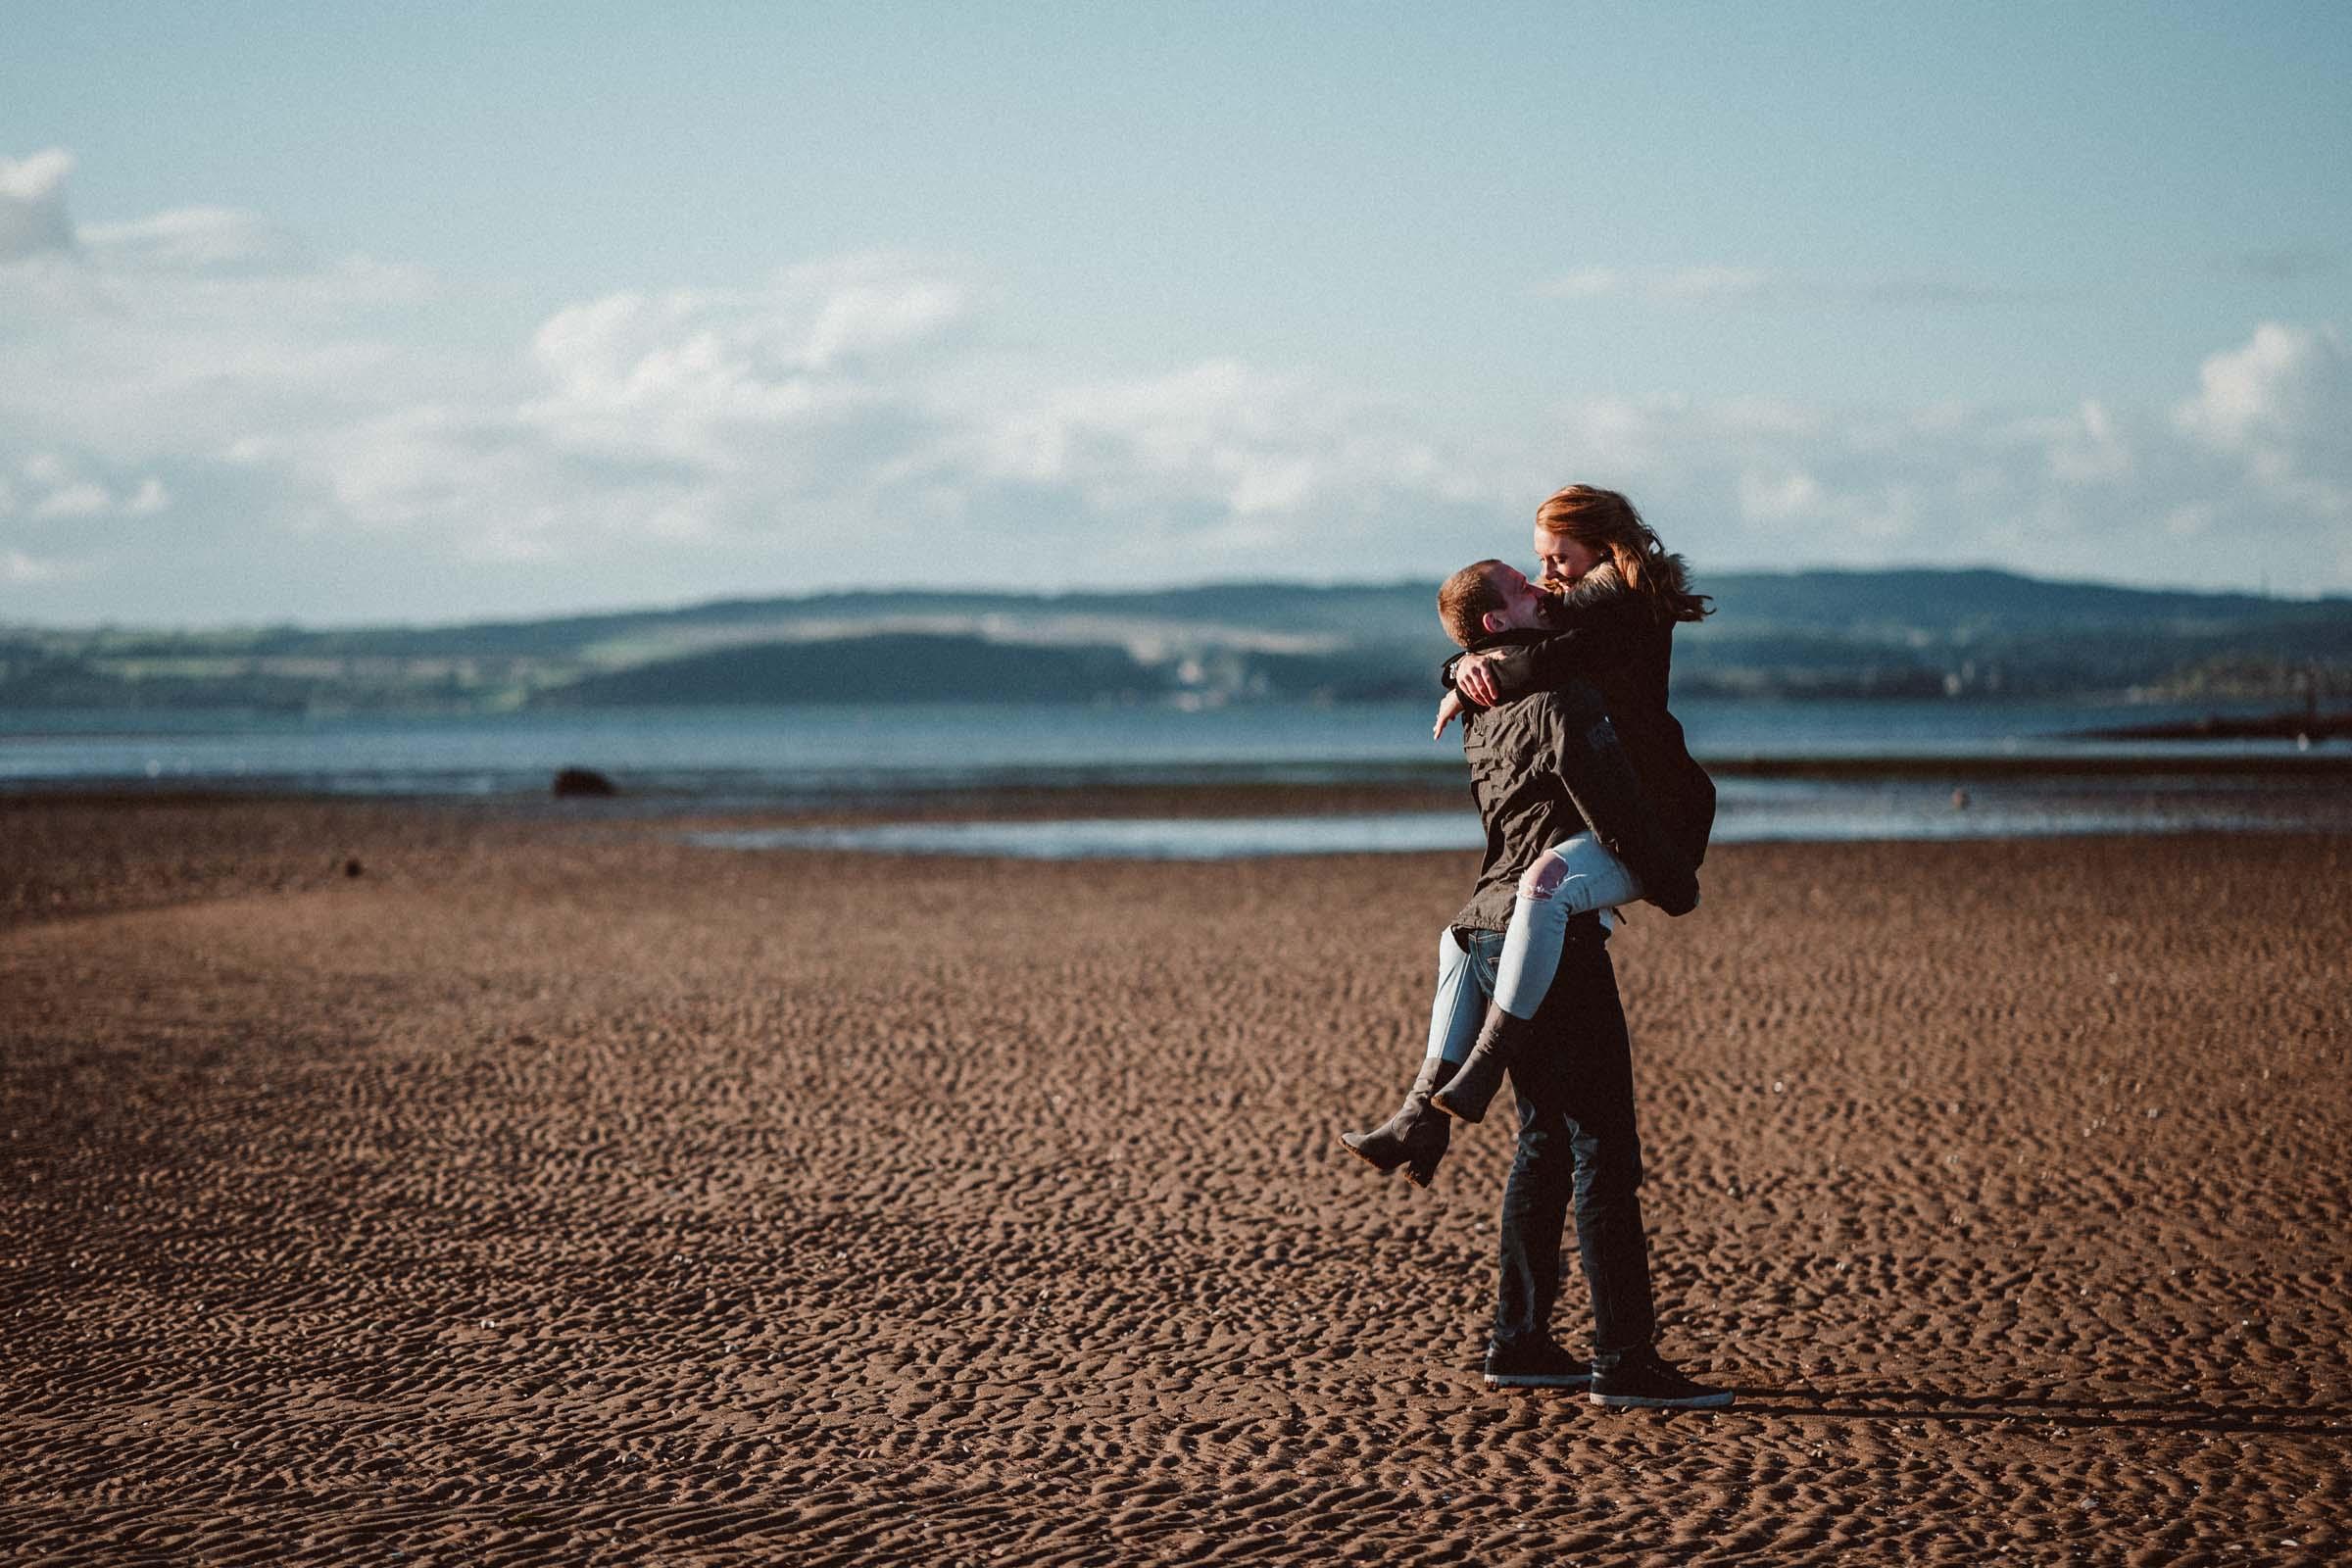 crammond_beach_edinburgh_engagement_dearlyphotography (10 of 45).jpg